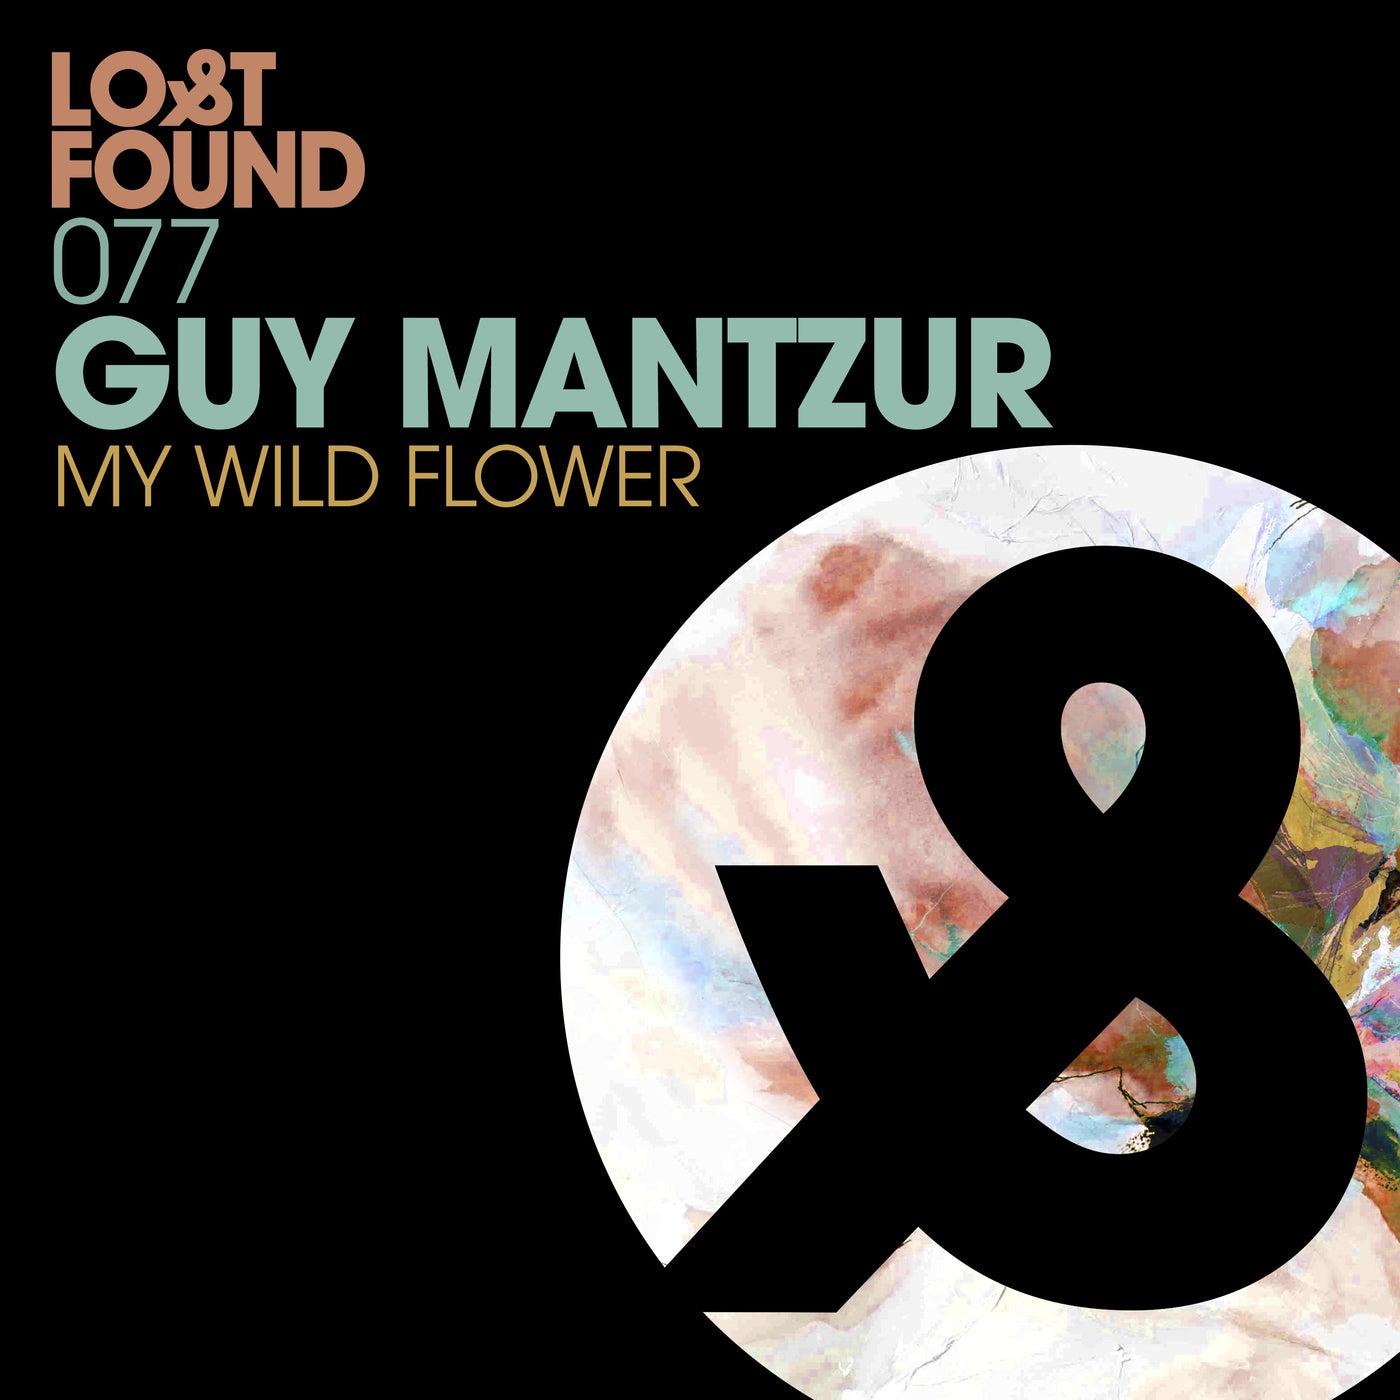 My Wild Flower (Original Mix)